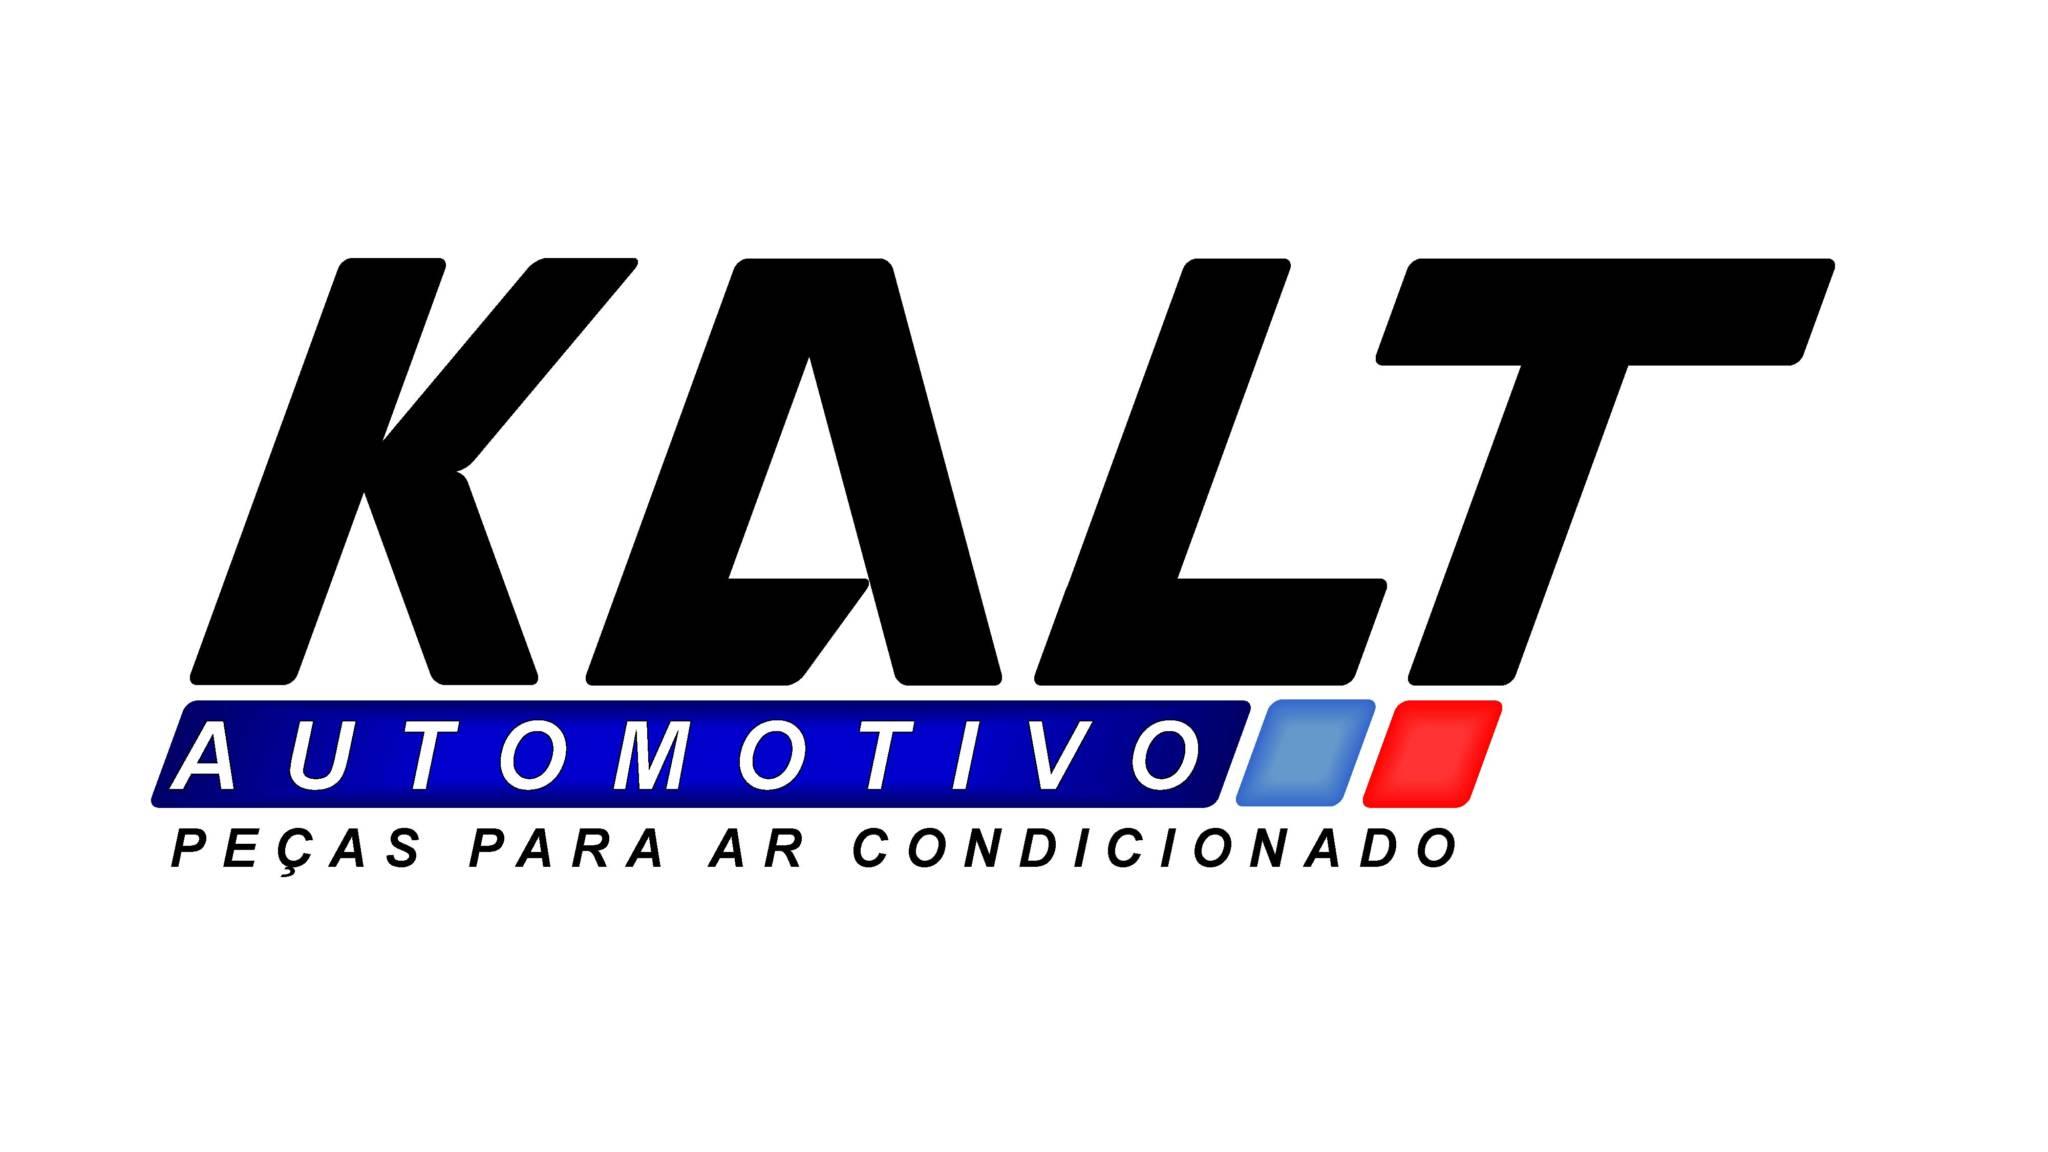 KALT AUTOMOTIVO